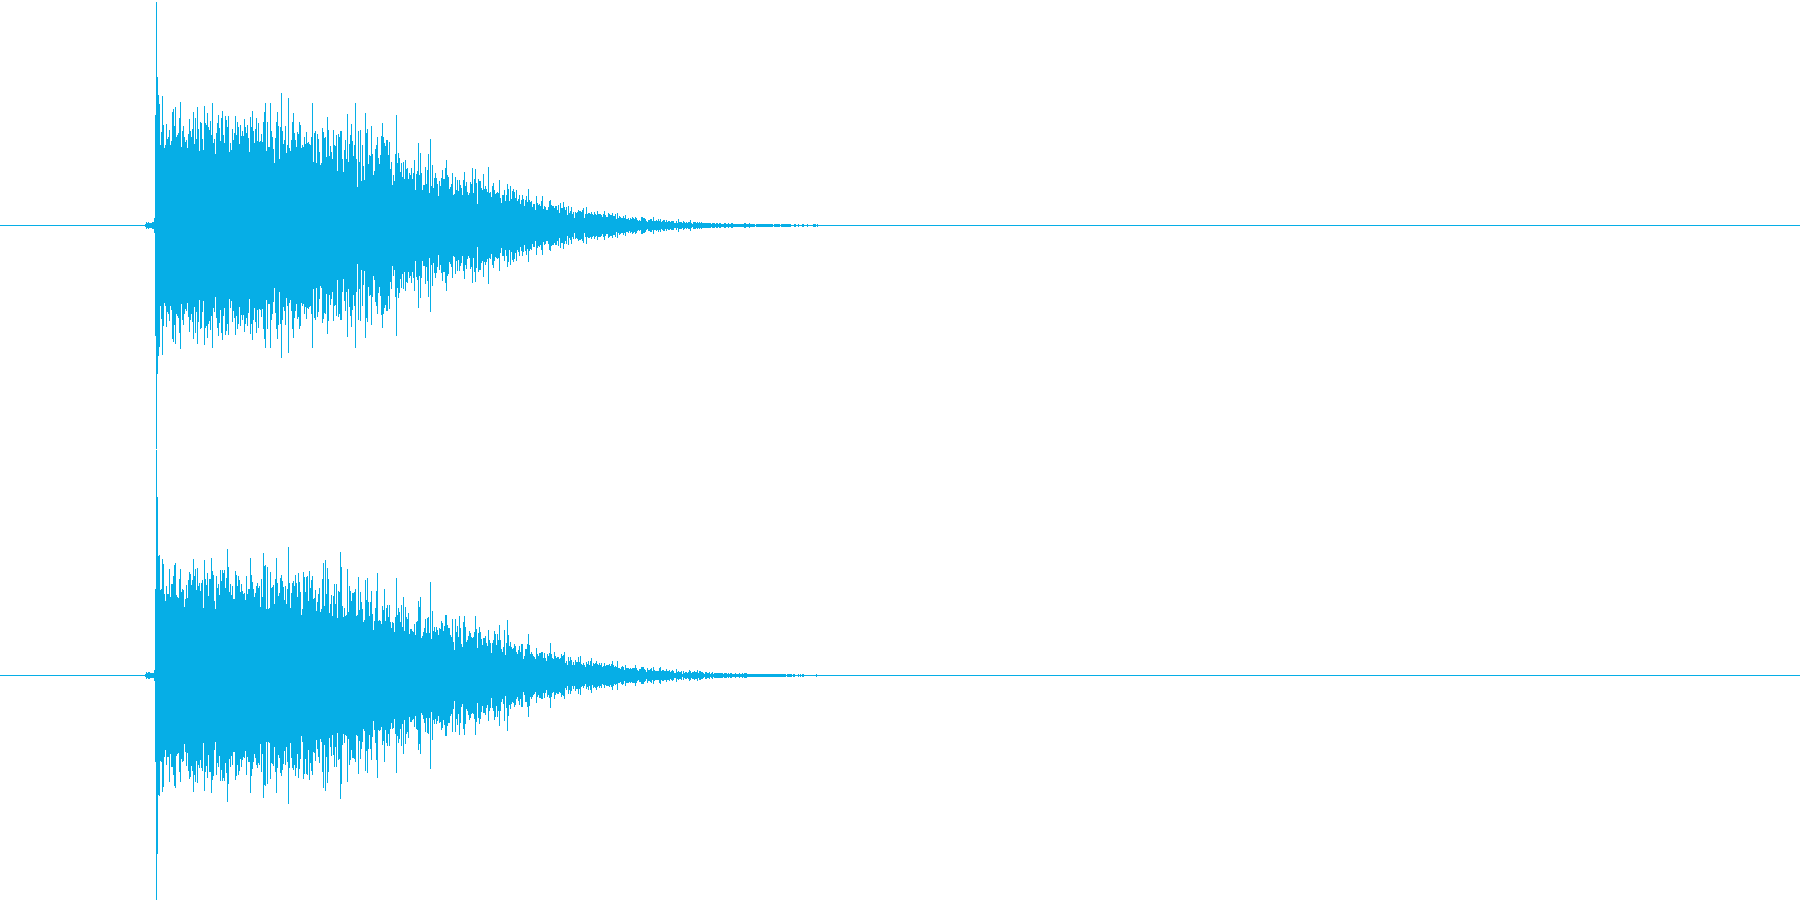 スピード感があるプシューという発射音の再生済みの波形